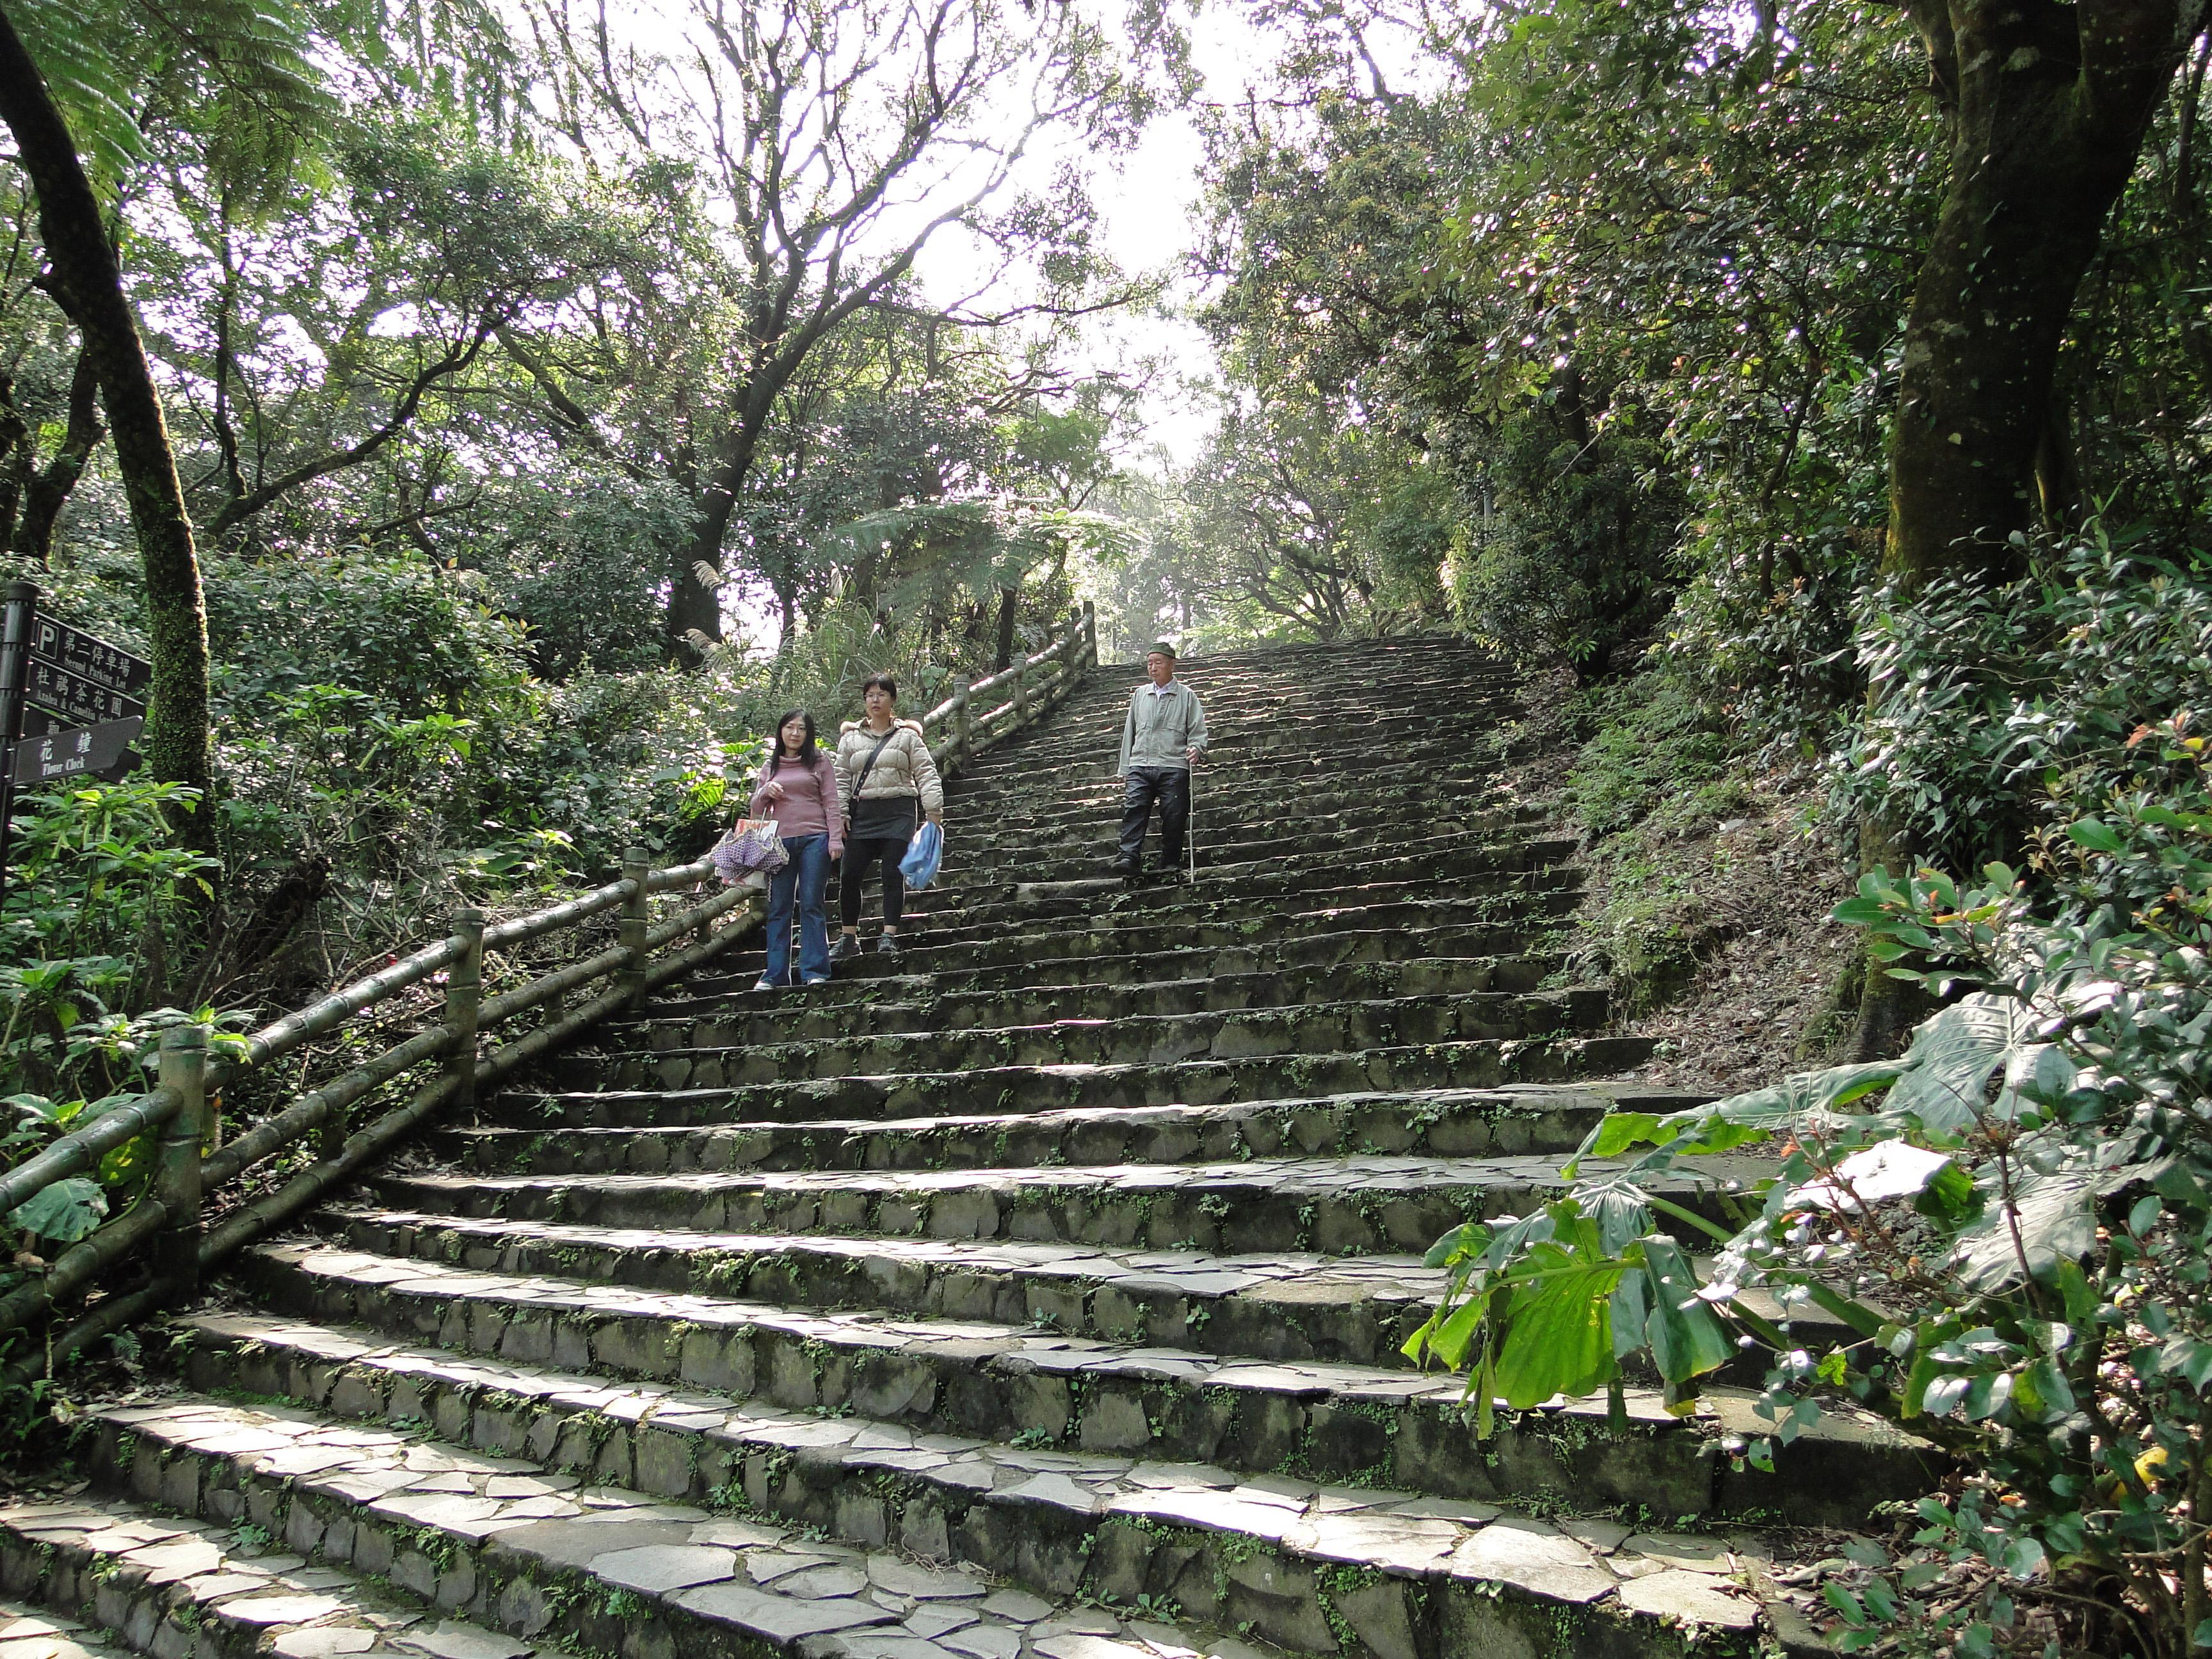 حديقة يانغ مينغ شان الوطنية